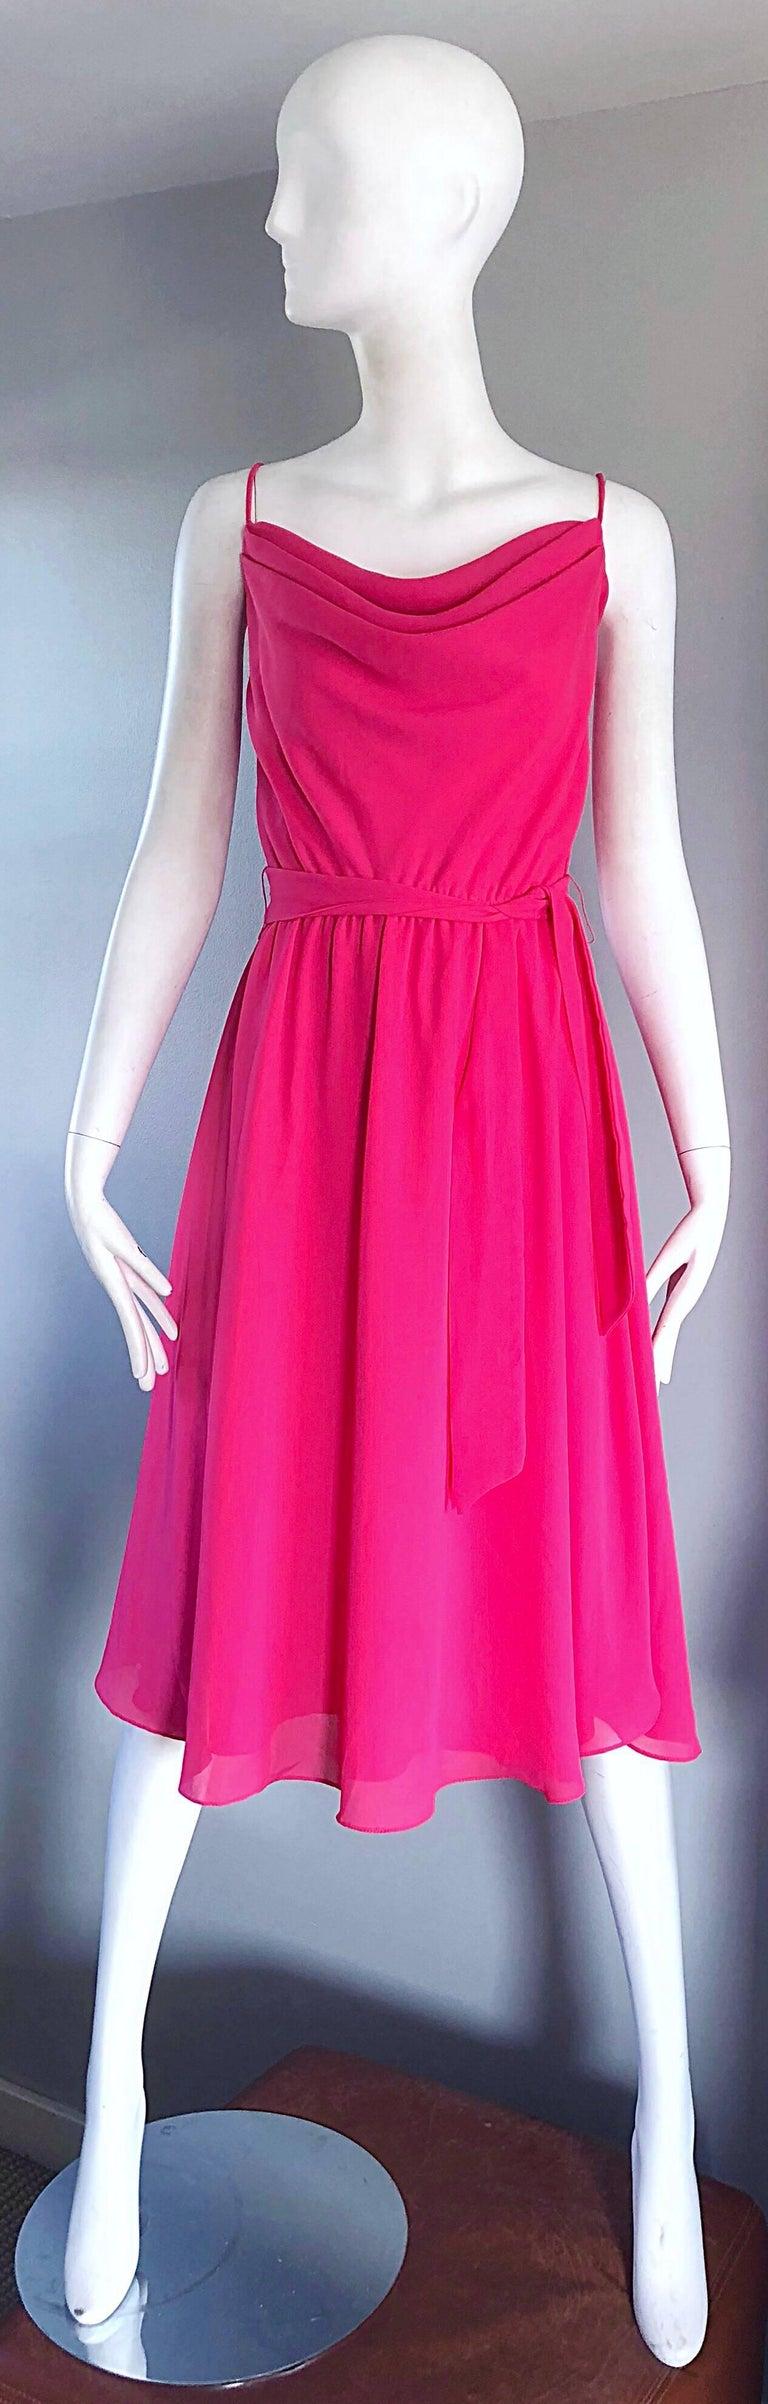 1970s Phillipe Jodur for Ferrali Hot Pink Crepe Sleeveless Belted Disco Dress For Sale 5